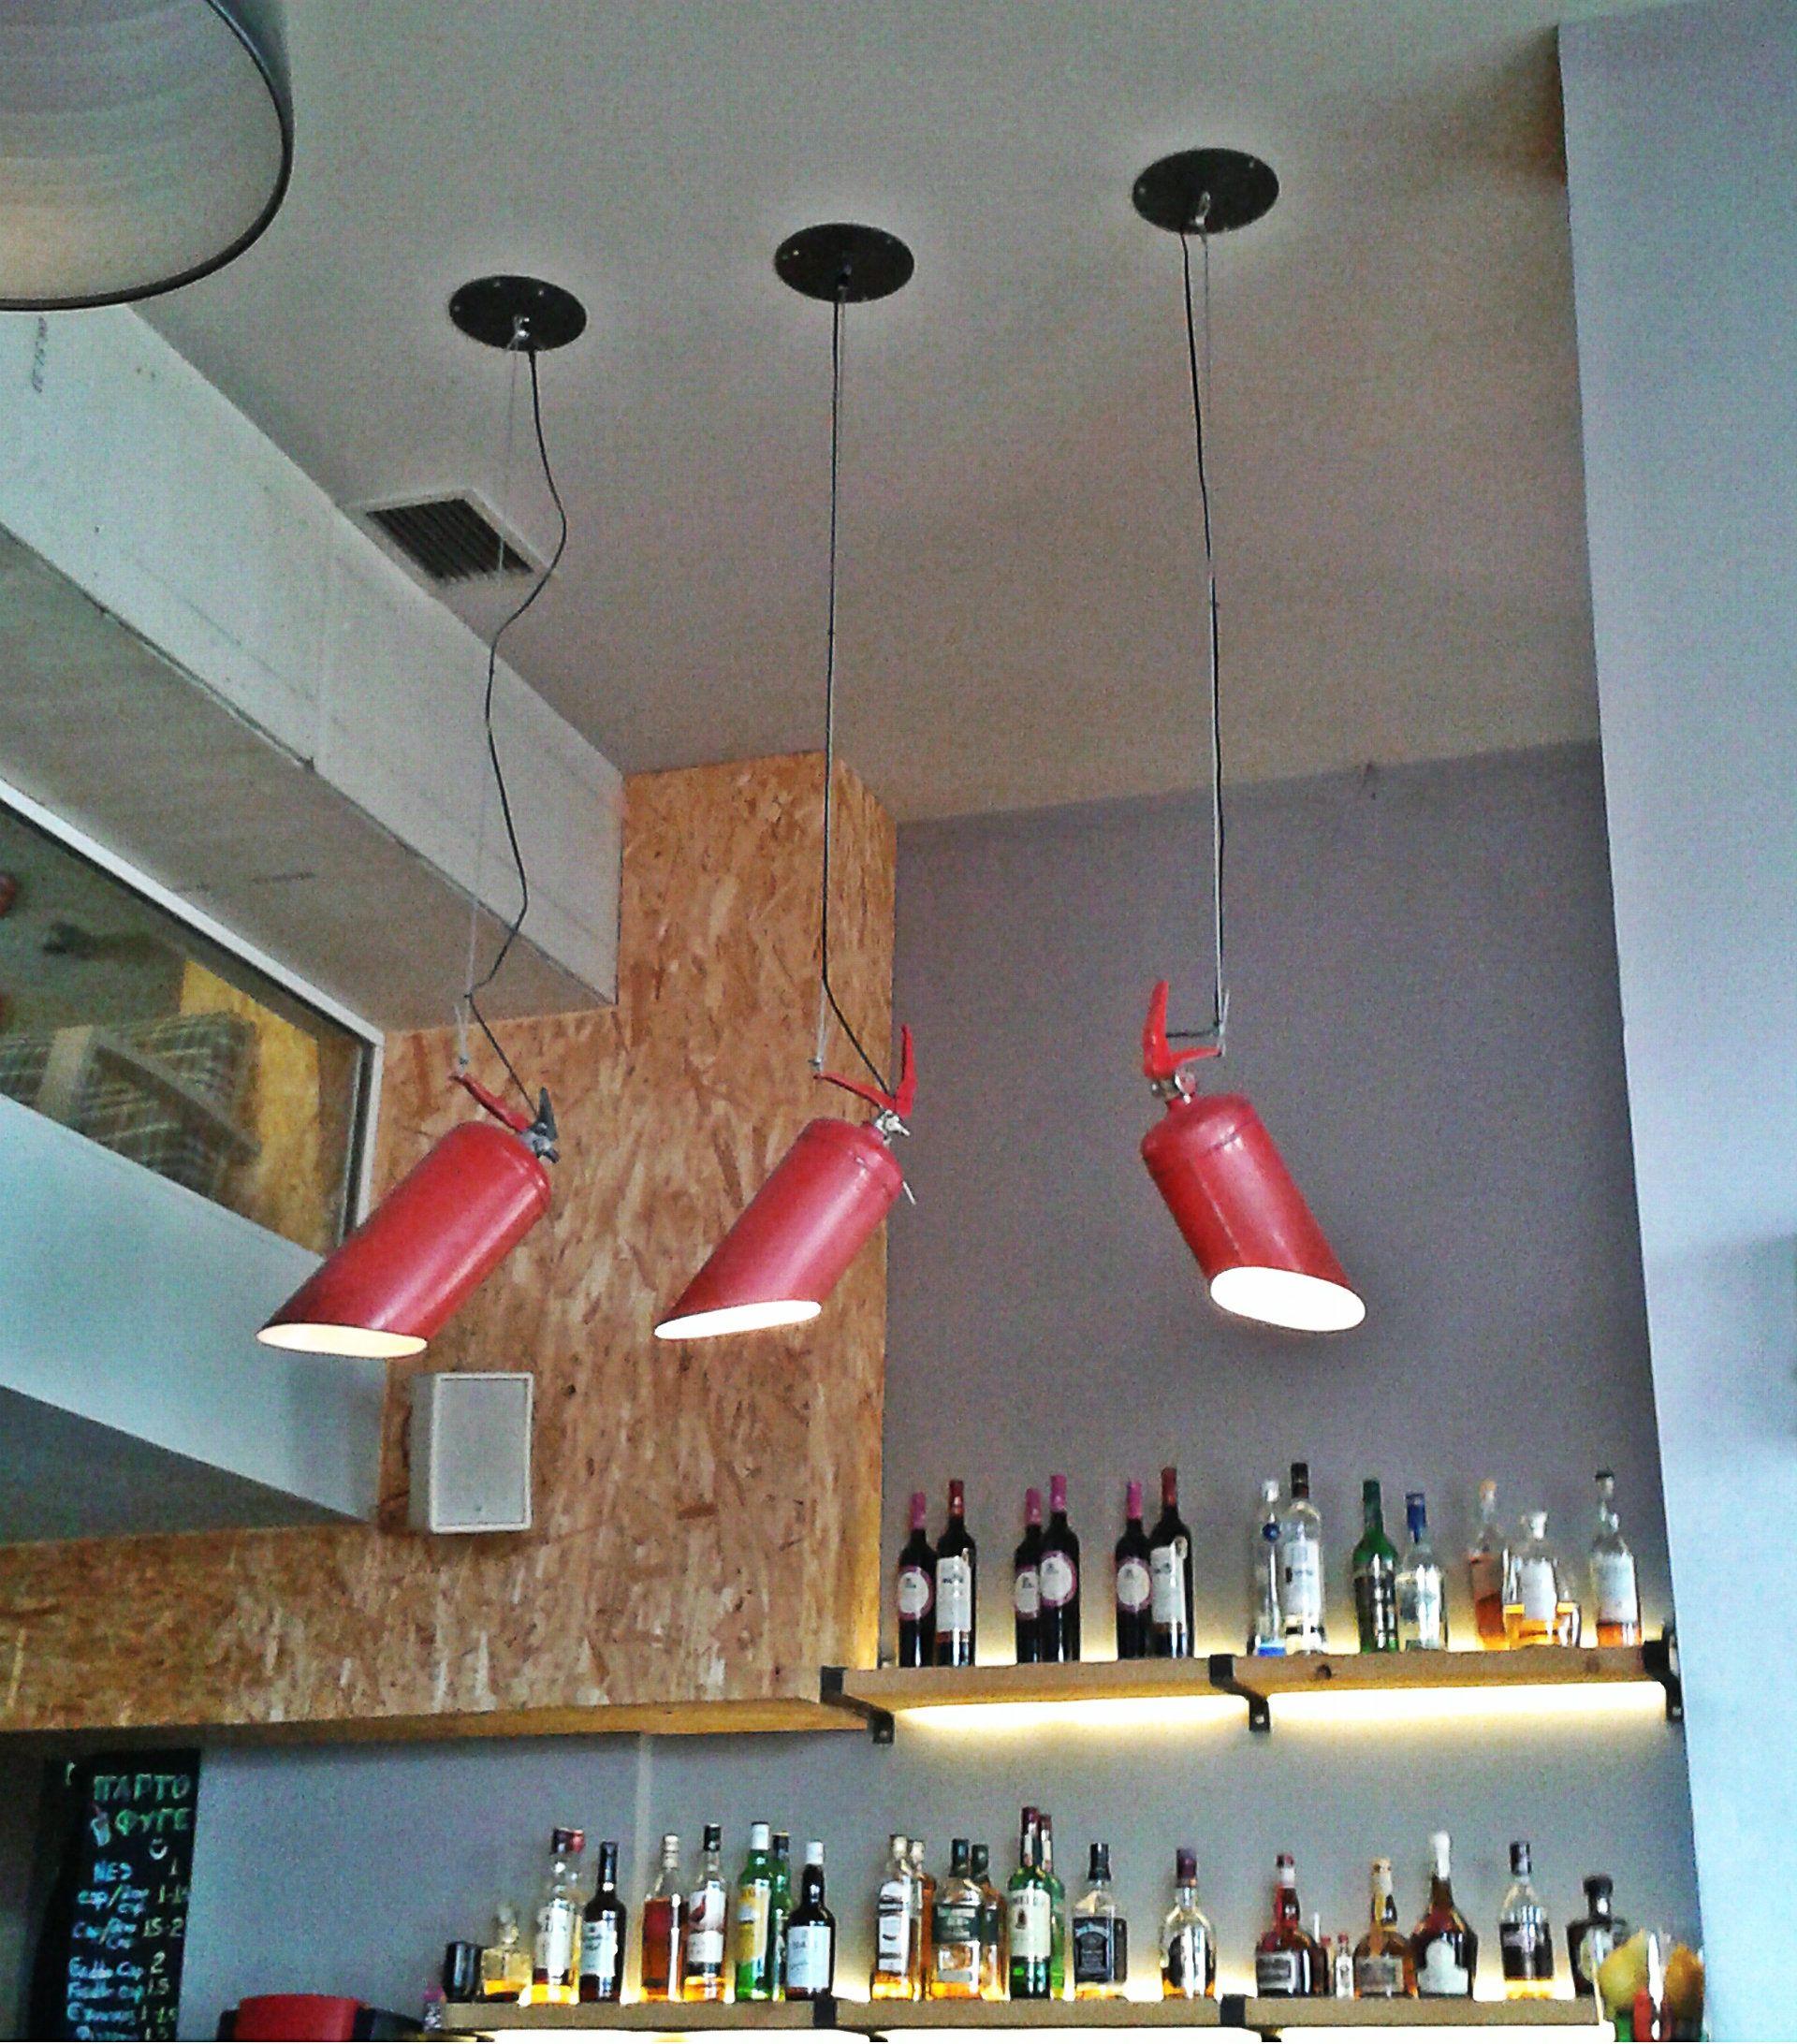 Fire Extinguisher Light Industrial Decoration Http Www Knighttechnologies In Feuerloscher Flaschenlampe Lampe